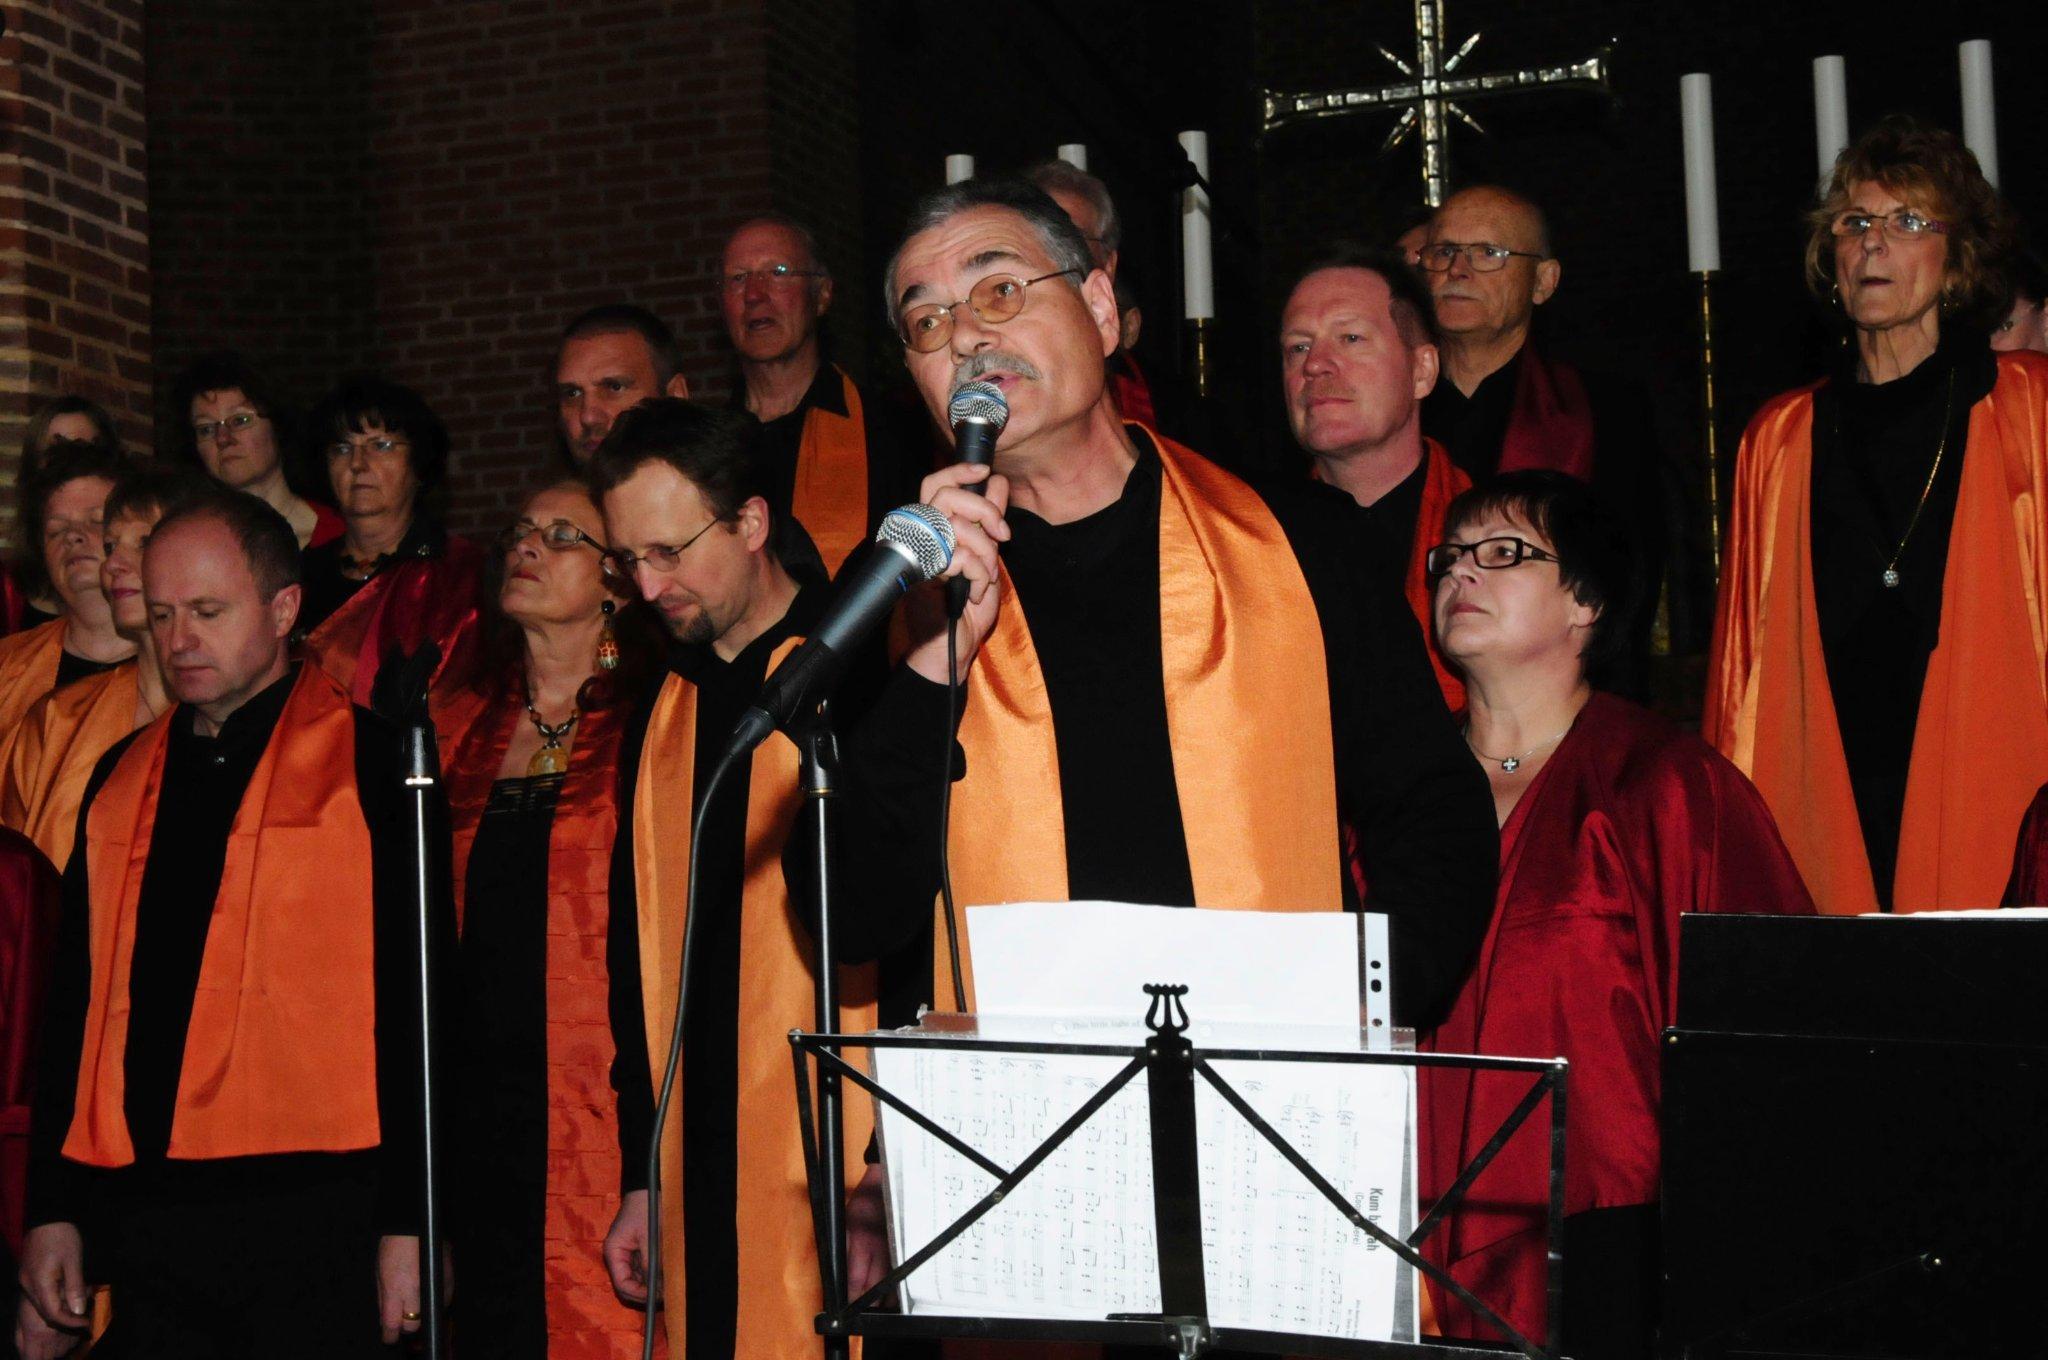 20120422 Reformations Gedaechtniskirche 37